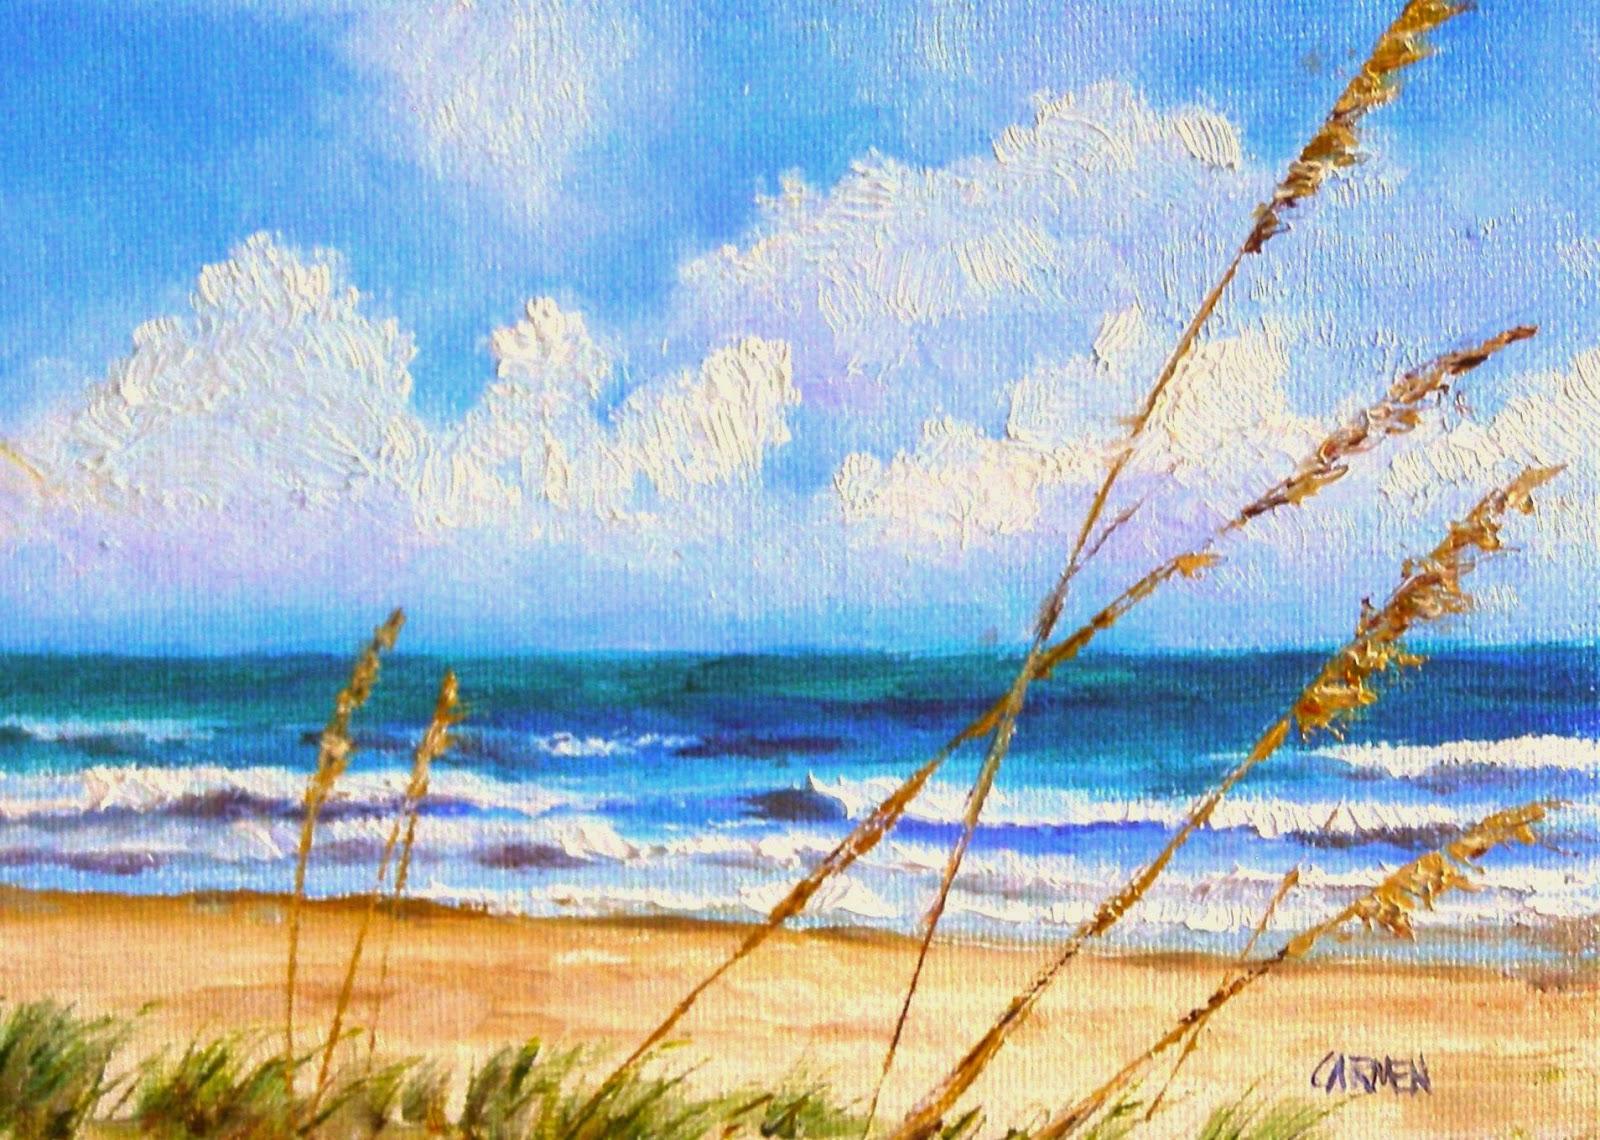 Beach Acrylic Painting Easy 81579 Loadtve